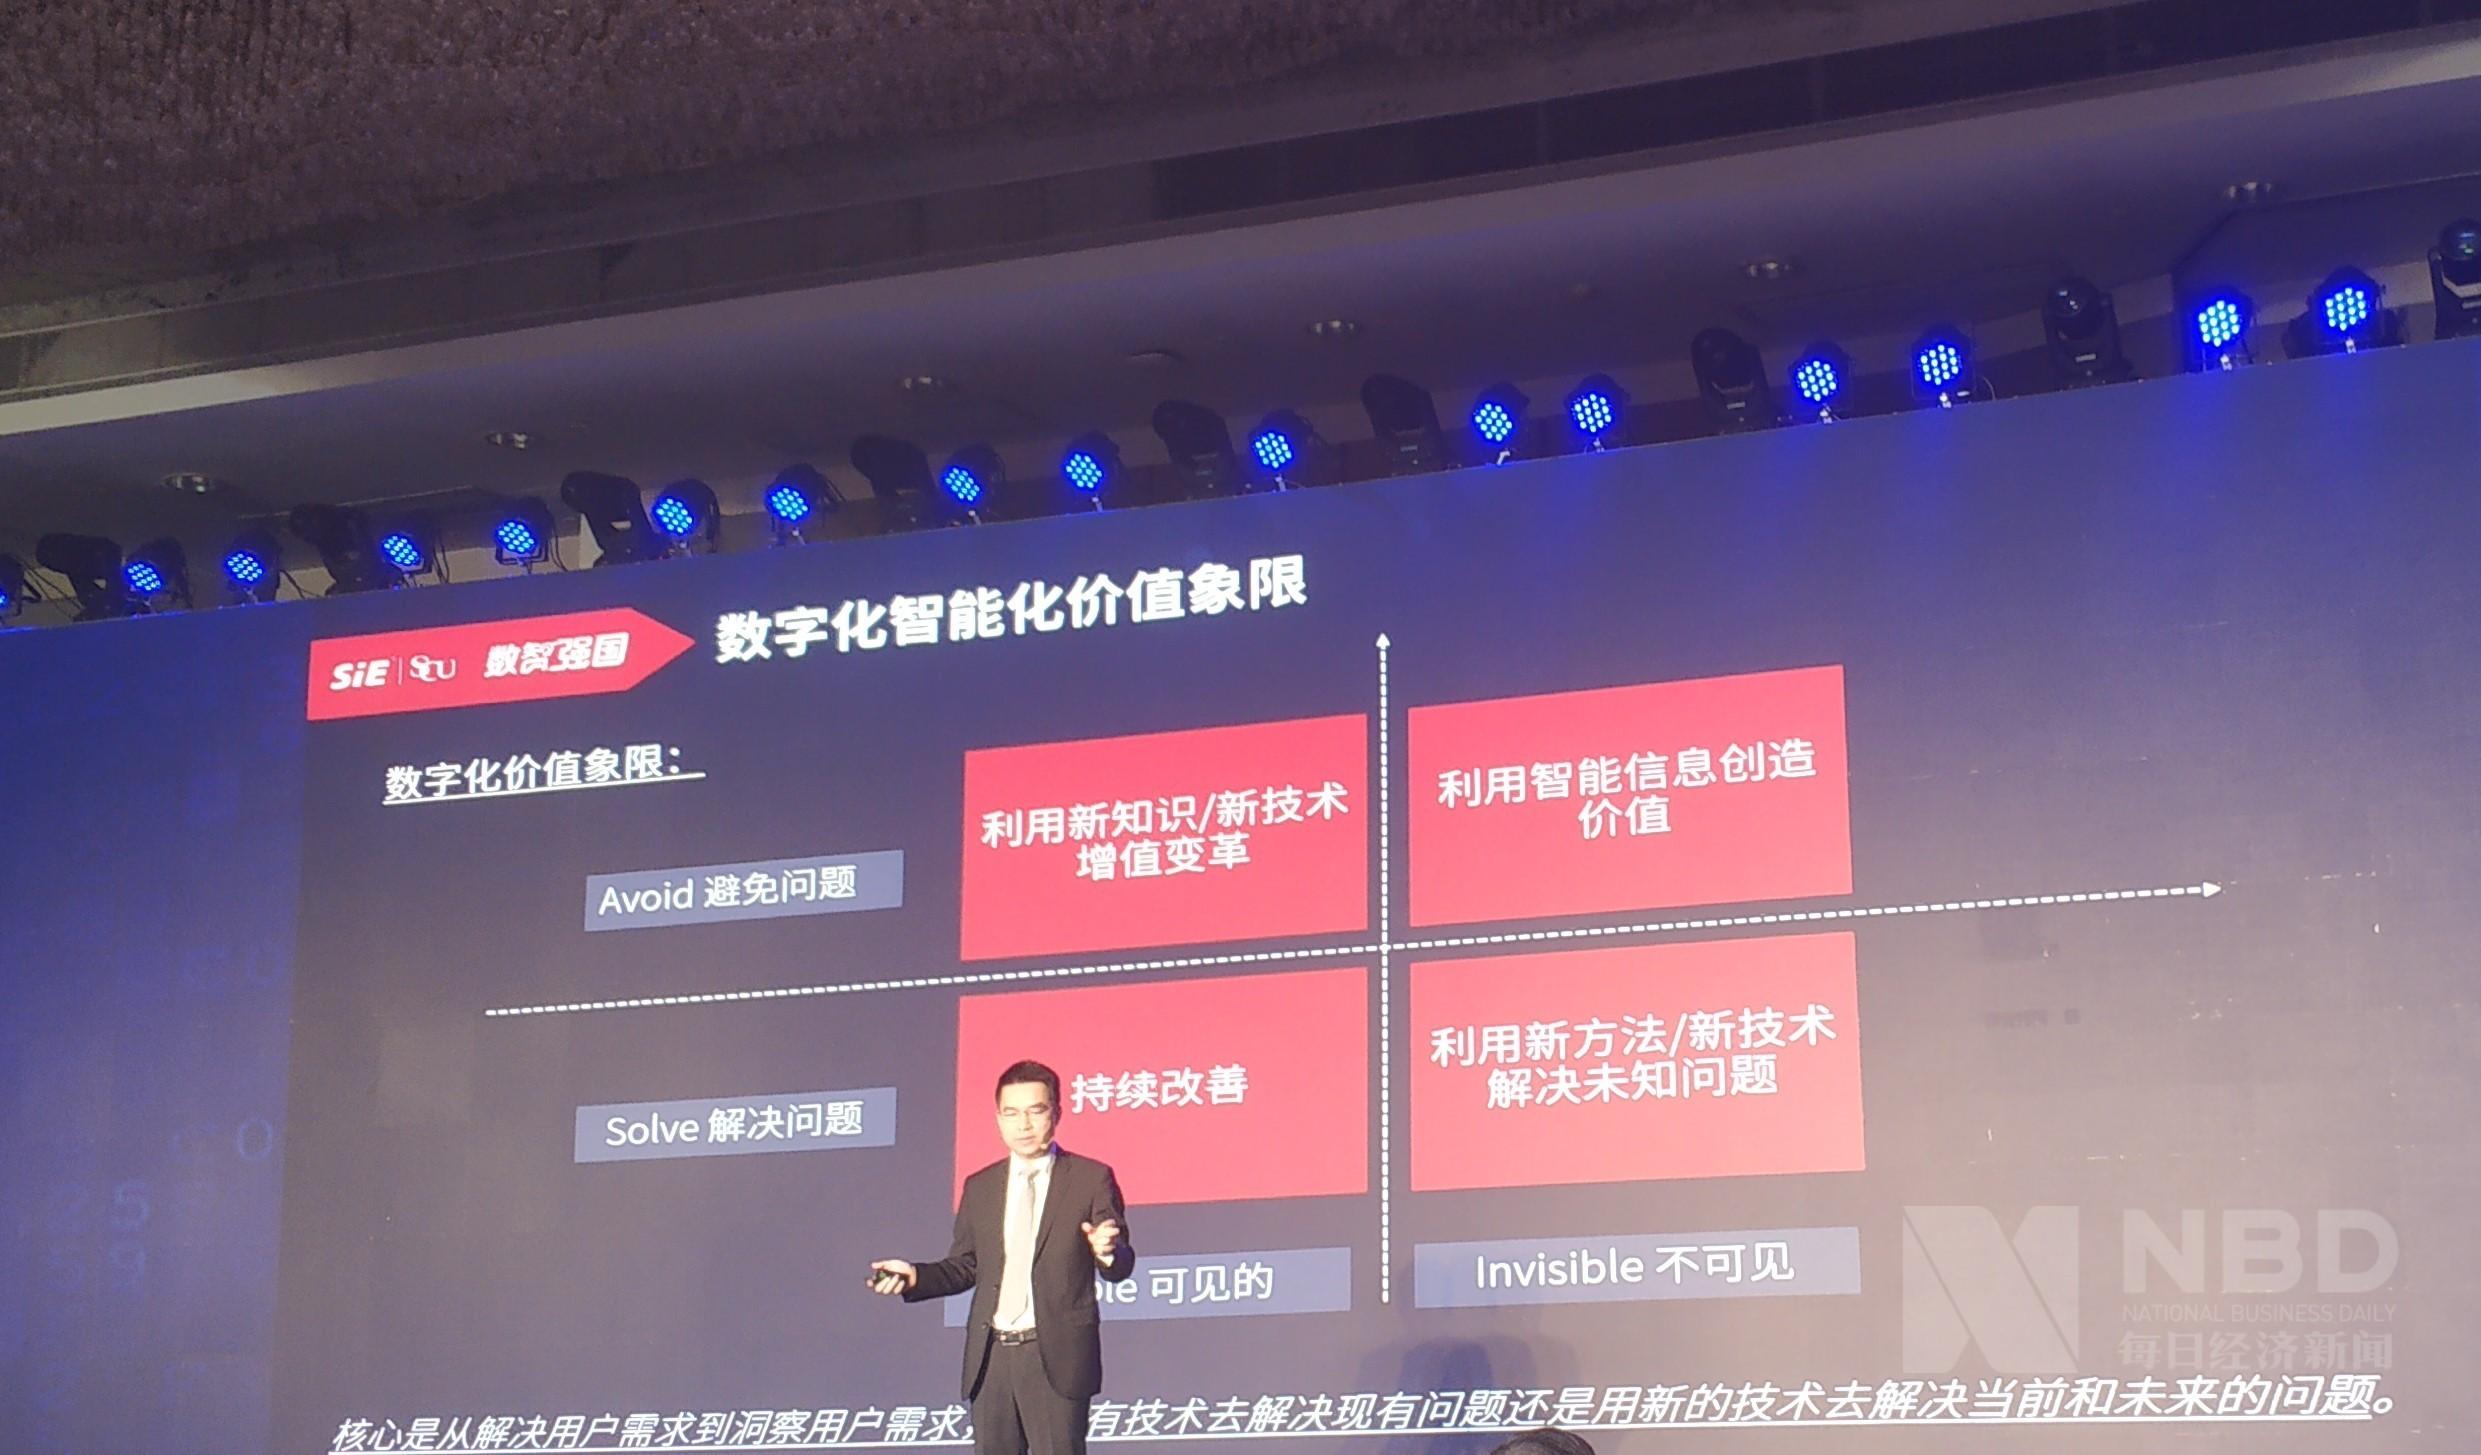 赛意信息董事长张成康:数字化转型是提升企业竞争力的重要途径